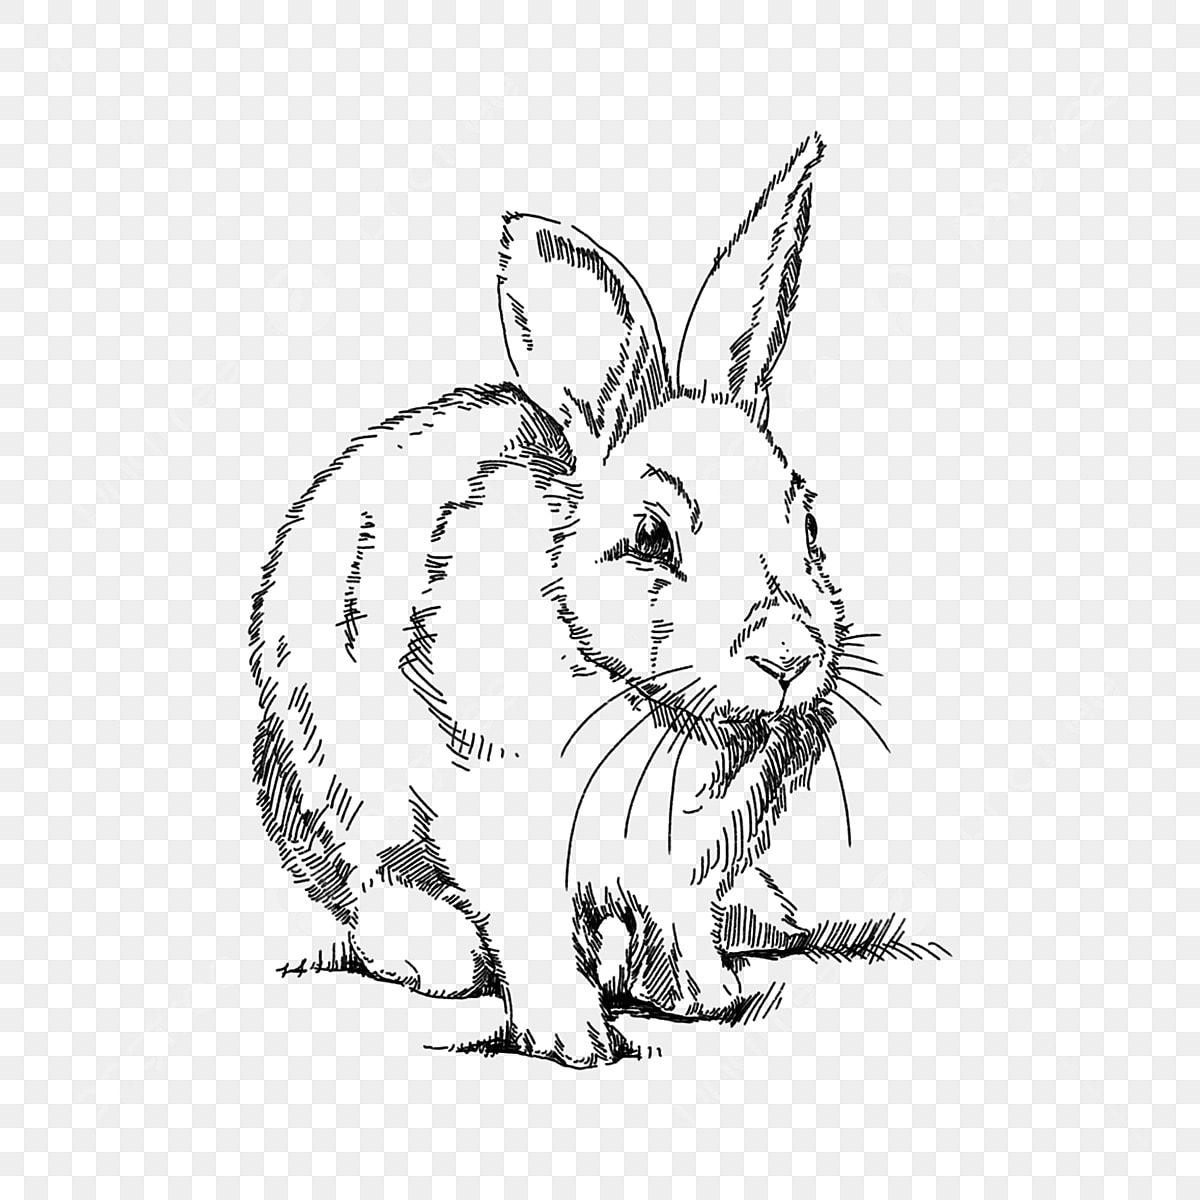 Gambar Lukisan Tangan Berwarna Hitam Putih Menggambar Arnab Haiwan Ayam Bunny Png Dan Psd Untuk Muat Turun Percuma